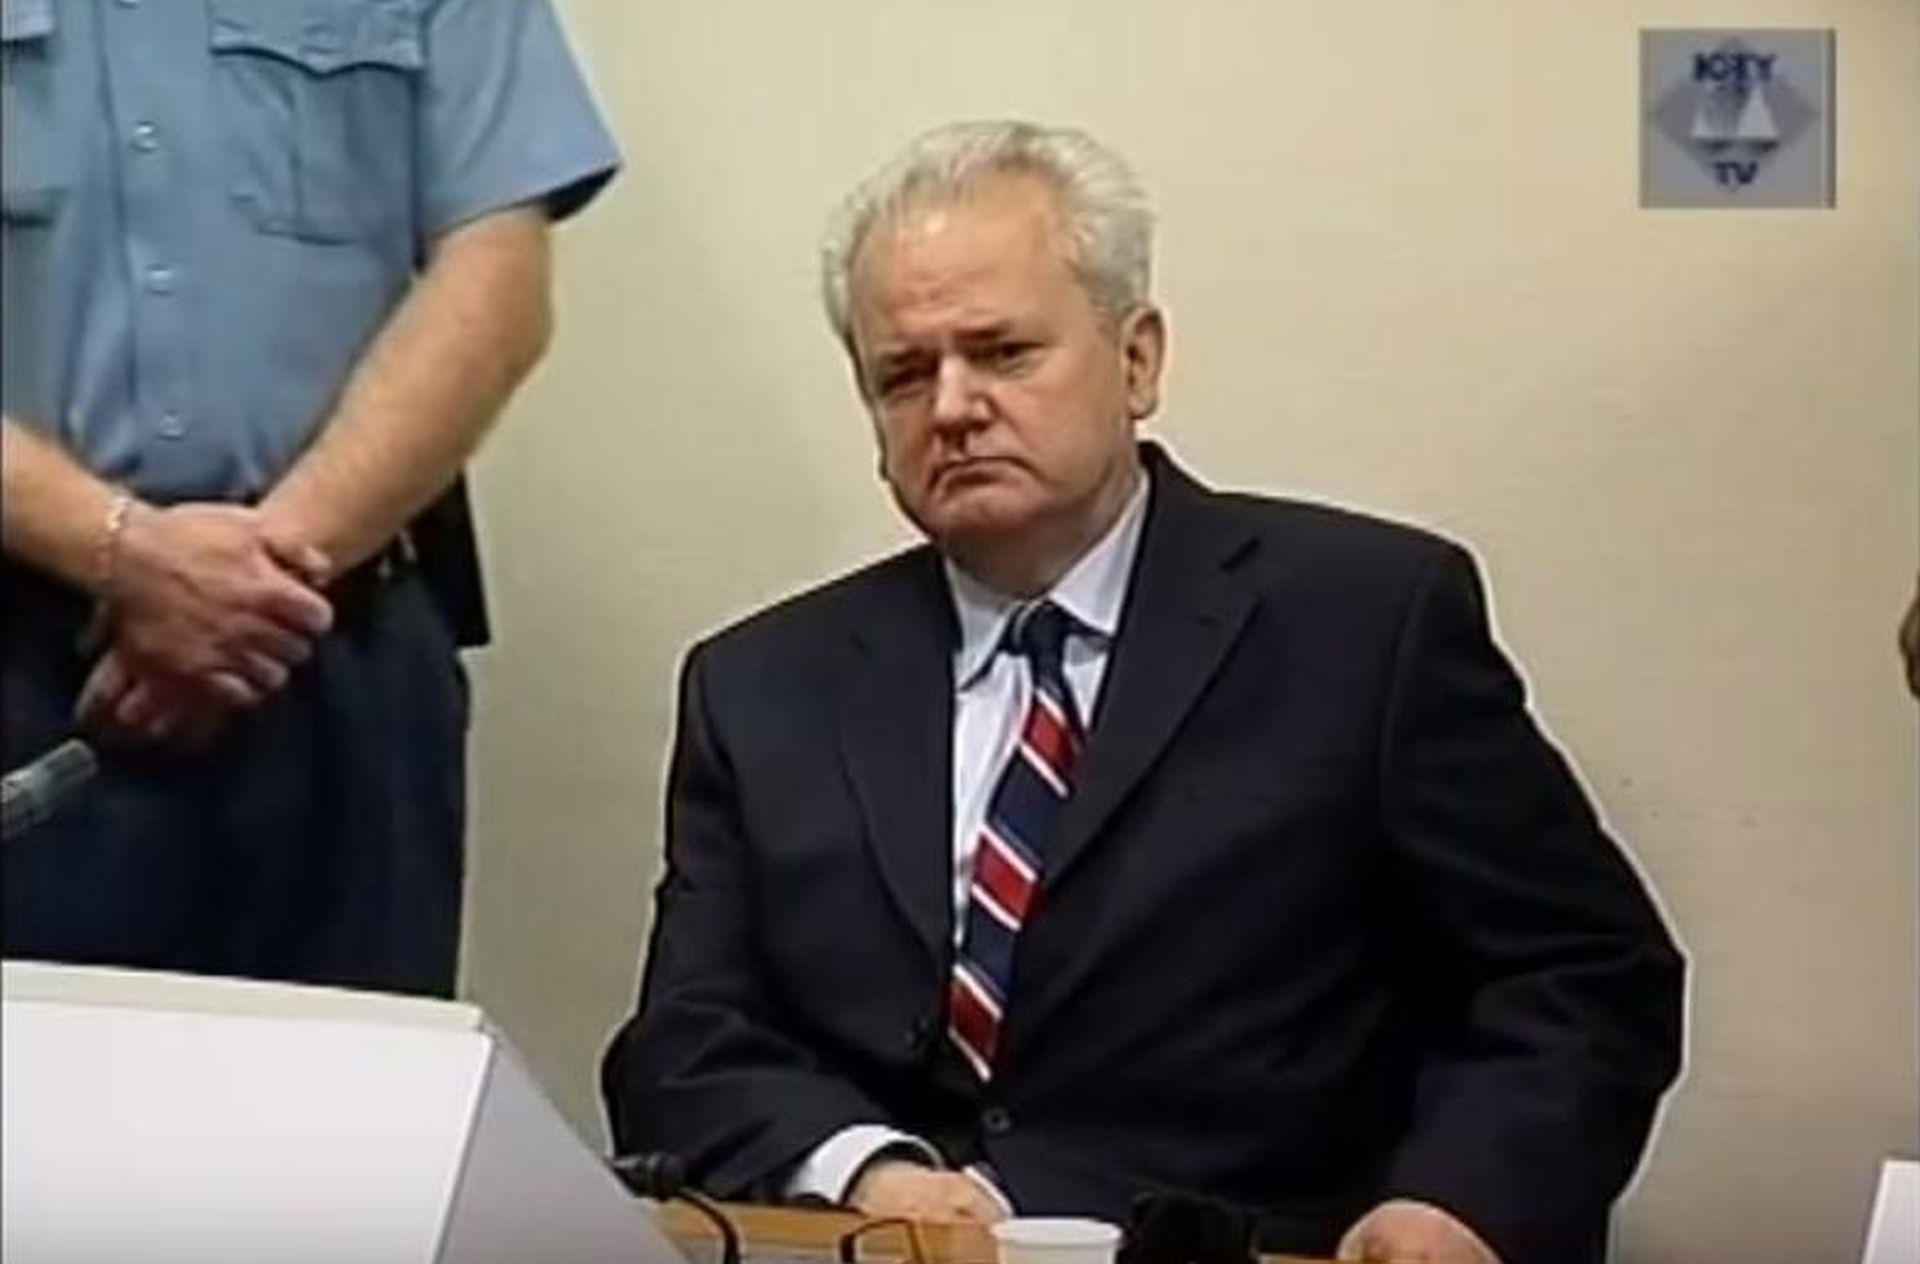 Obljetnica pada Slobodana Miloševića – neostvarene nade i revolucija koja je pojela svoju slavu